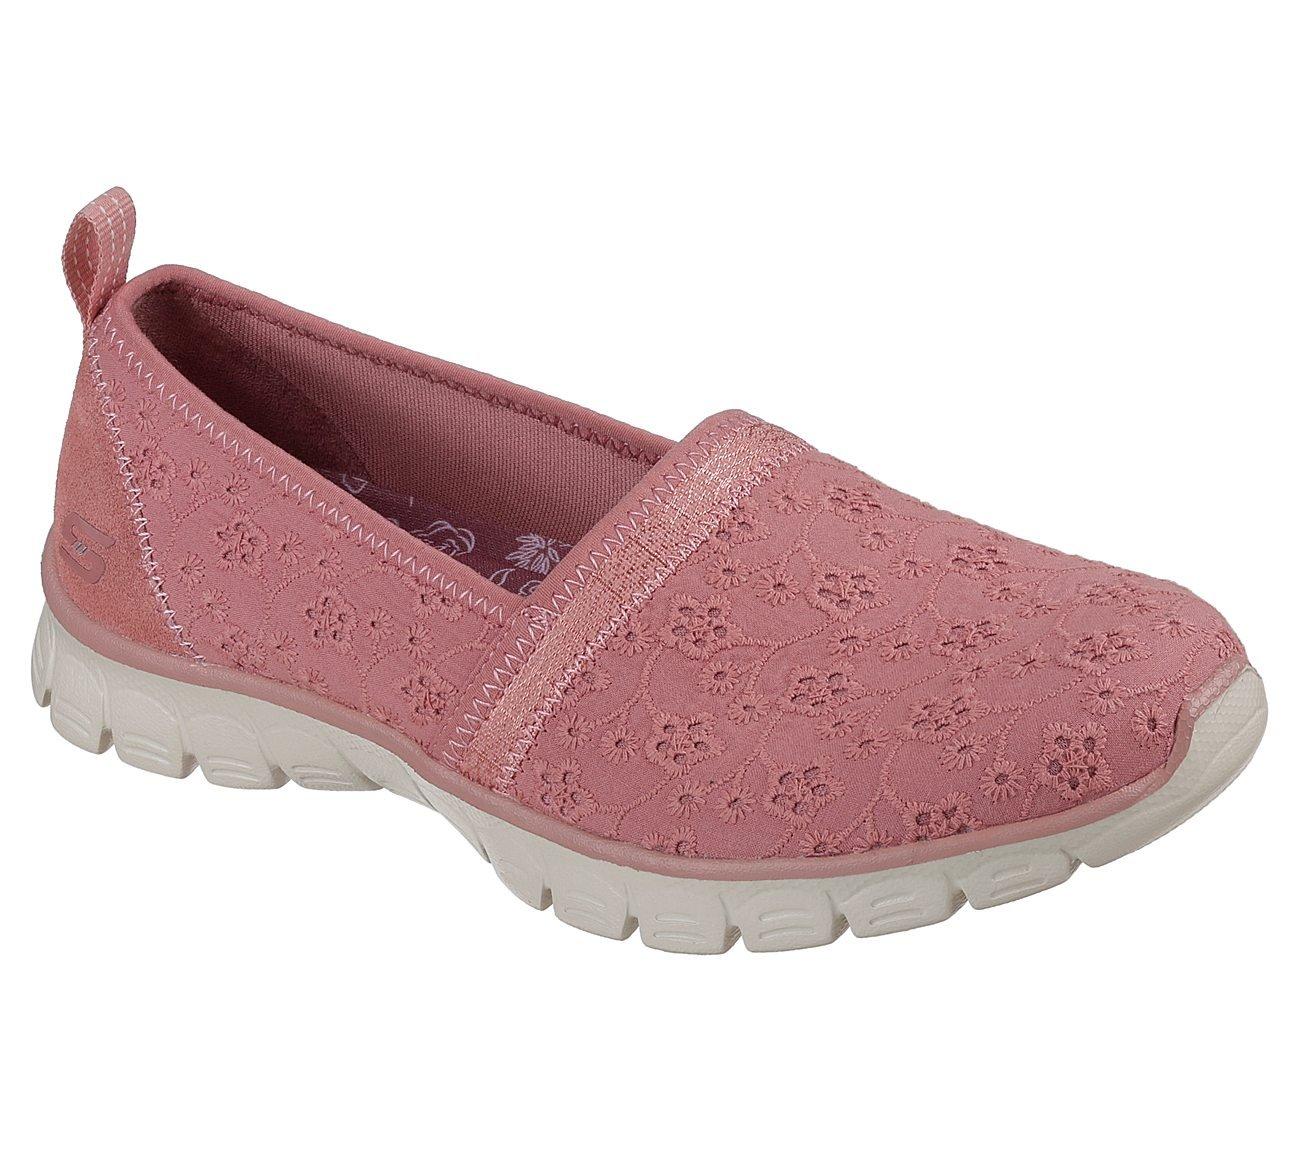 Skechers Women's Ez Flex 3.0 Kindred Spirit Slip On Sneaker,Rose,7.5